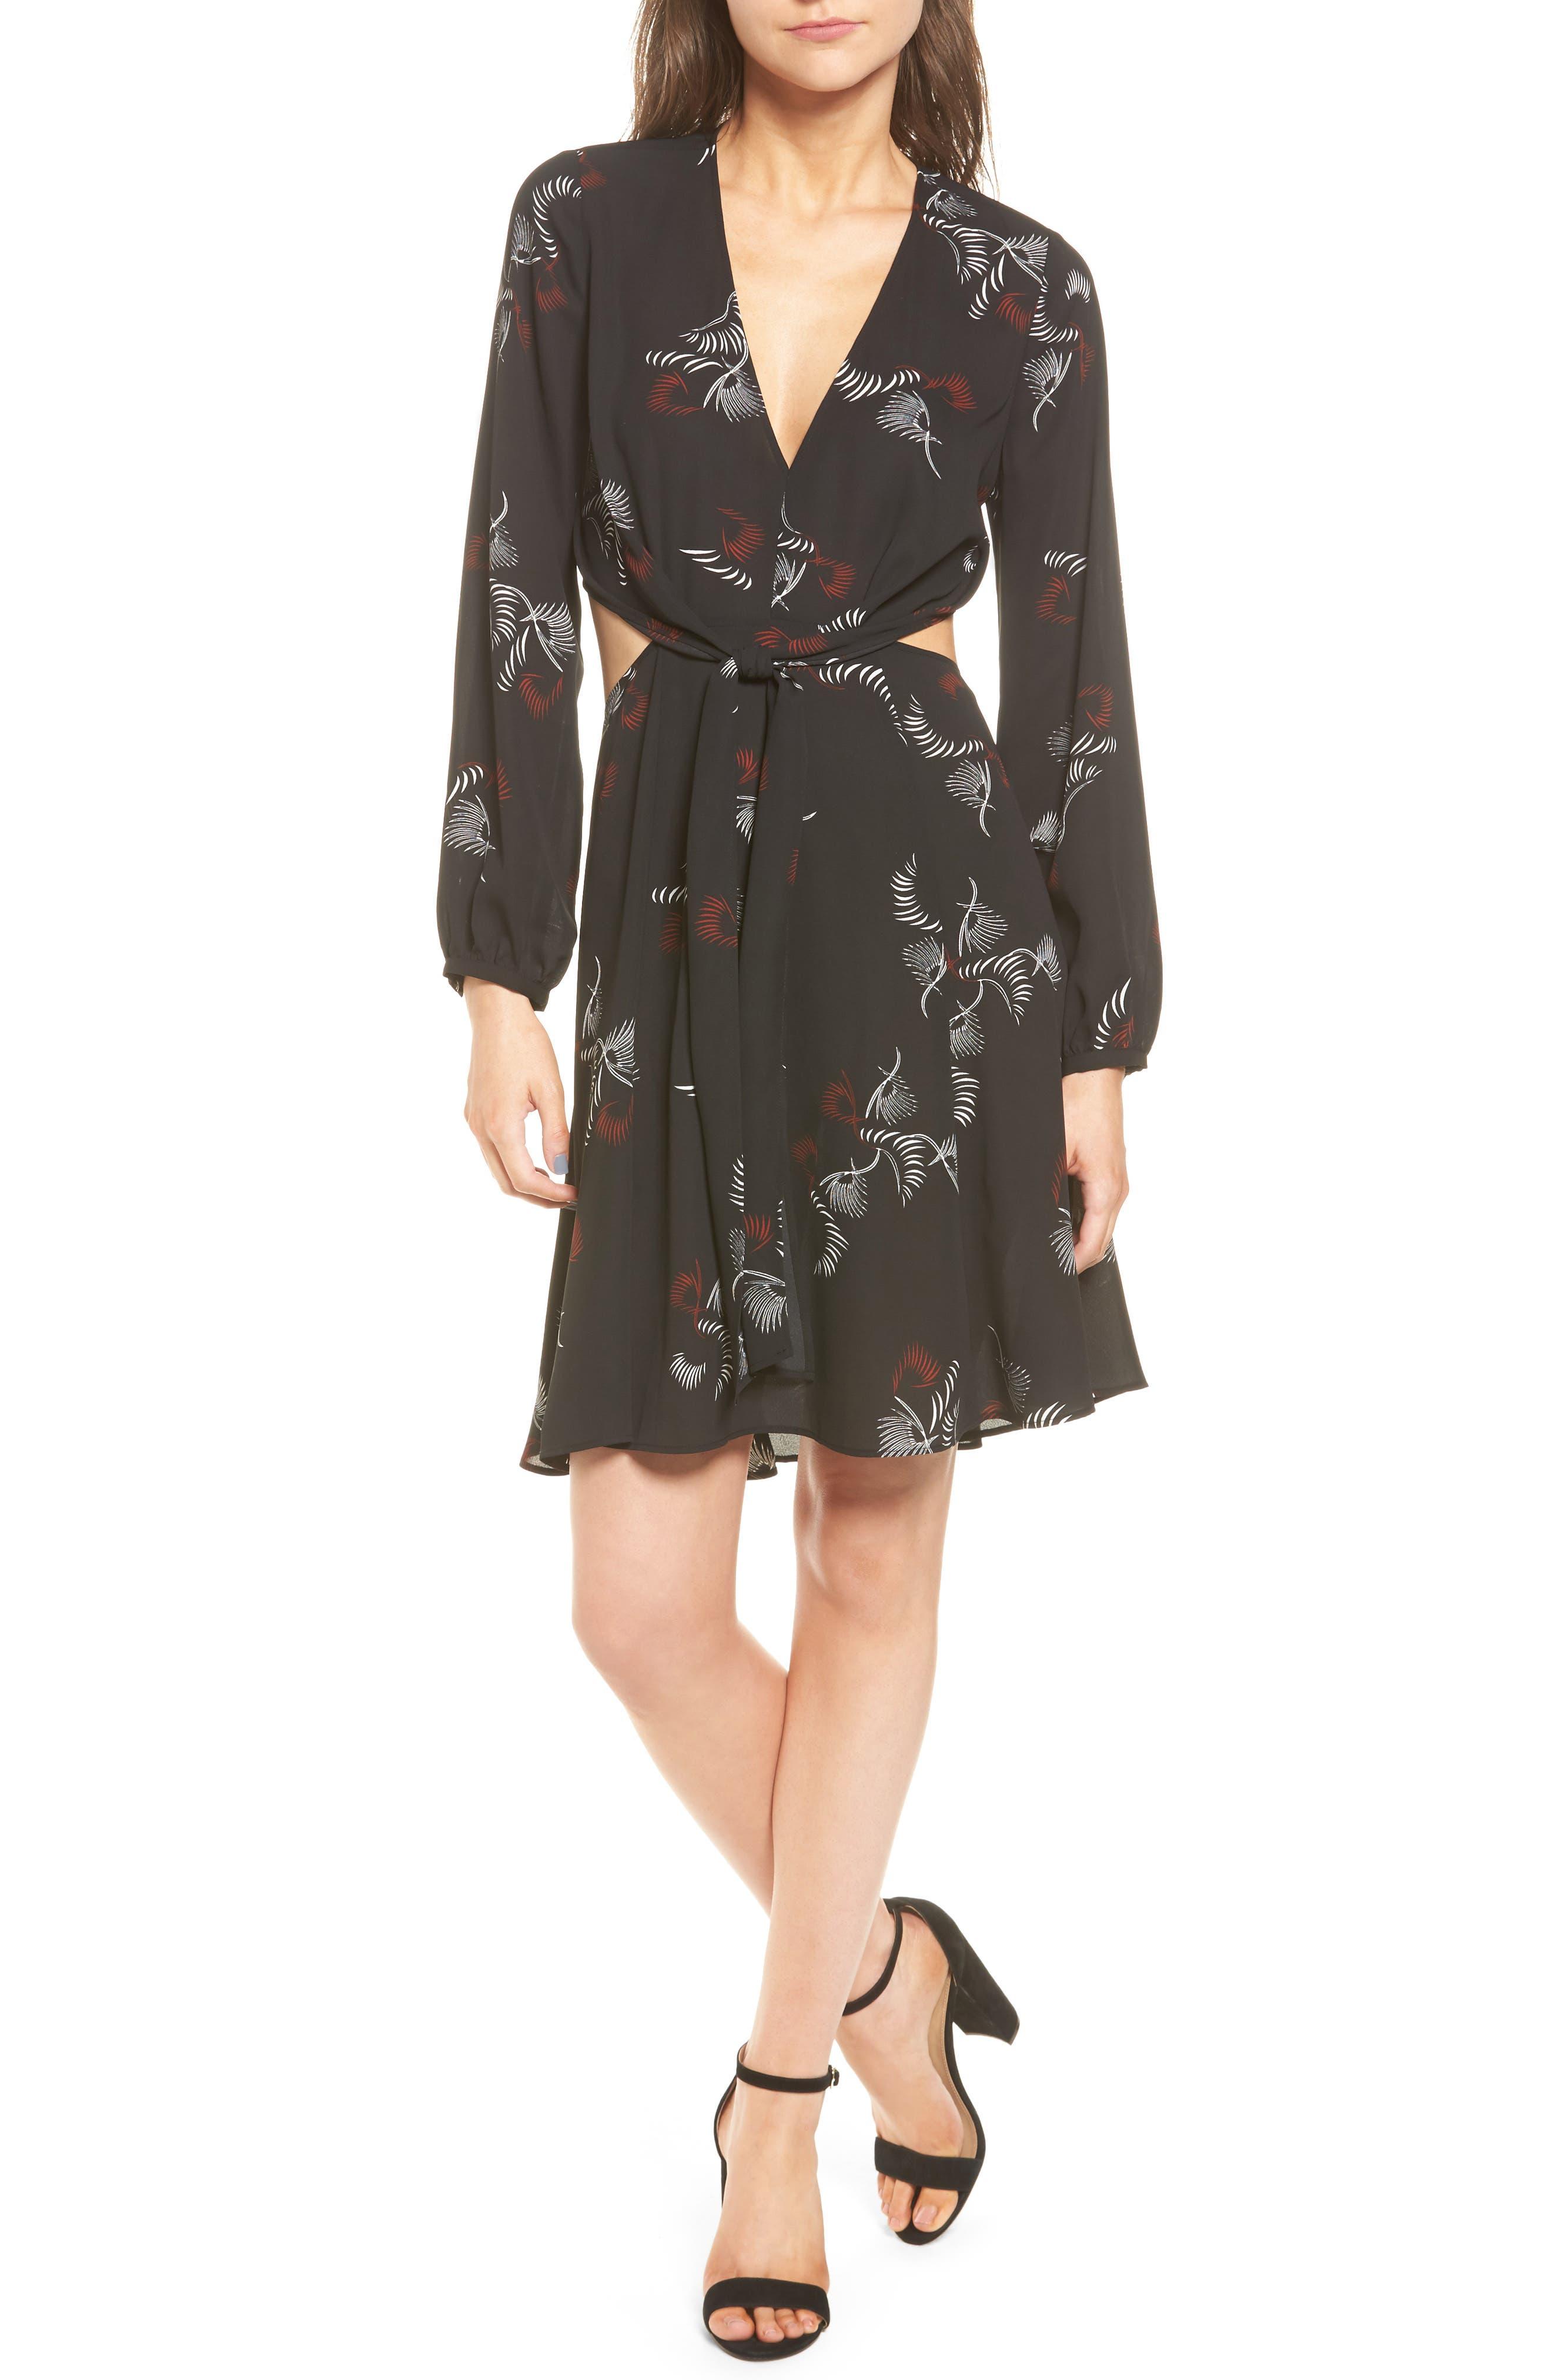 Trouvé Cutout A-Line Dress